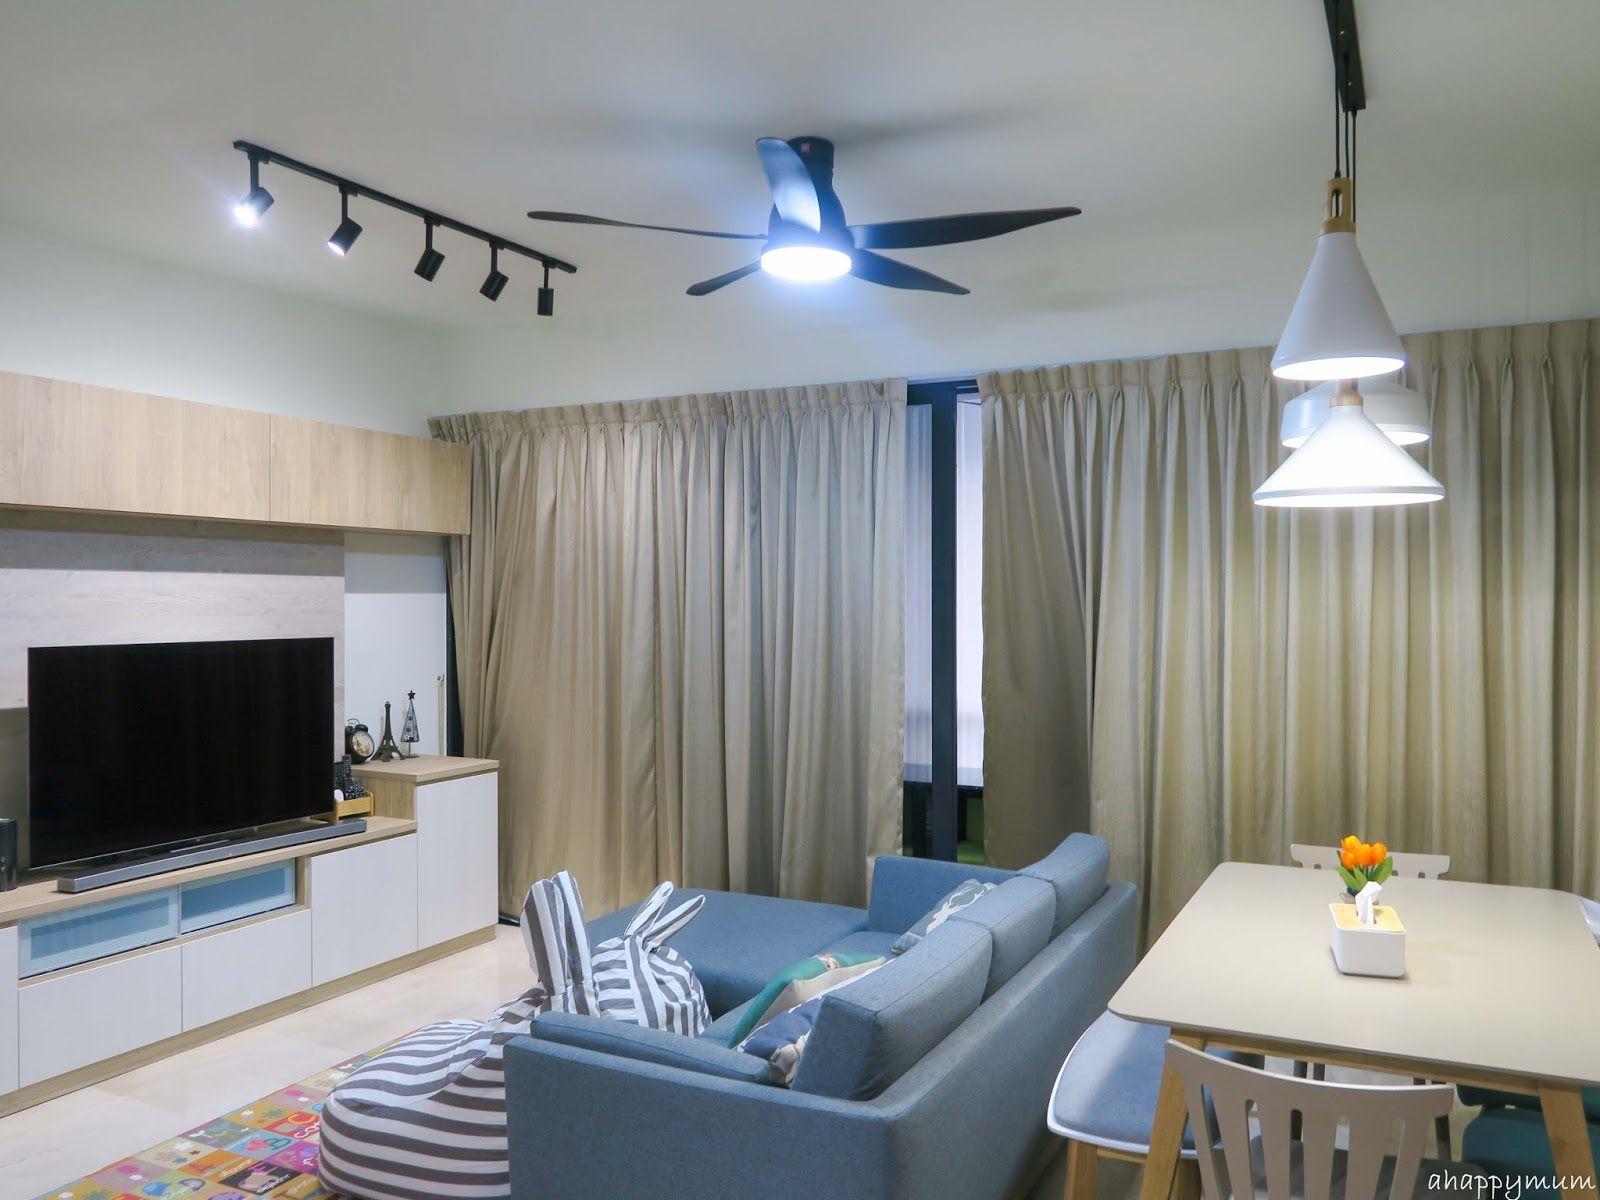 Schlafzimmer Deckenventilatoren Mit Beleuchtung   Schlafzimmer